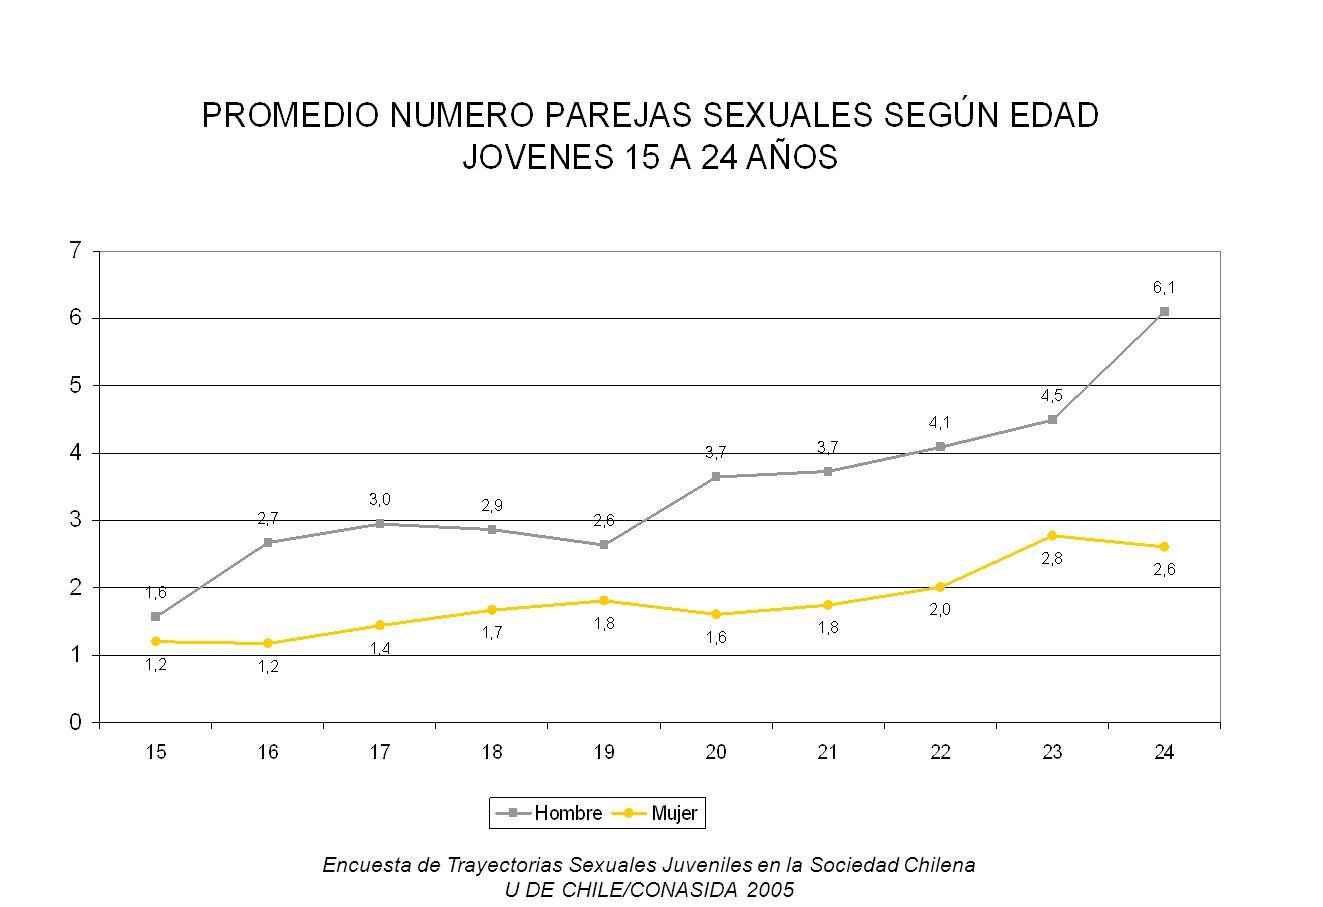 Encuesta de Trayectorias Sexuales Juveniles en la Sociedad Chilena